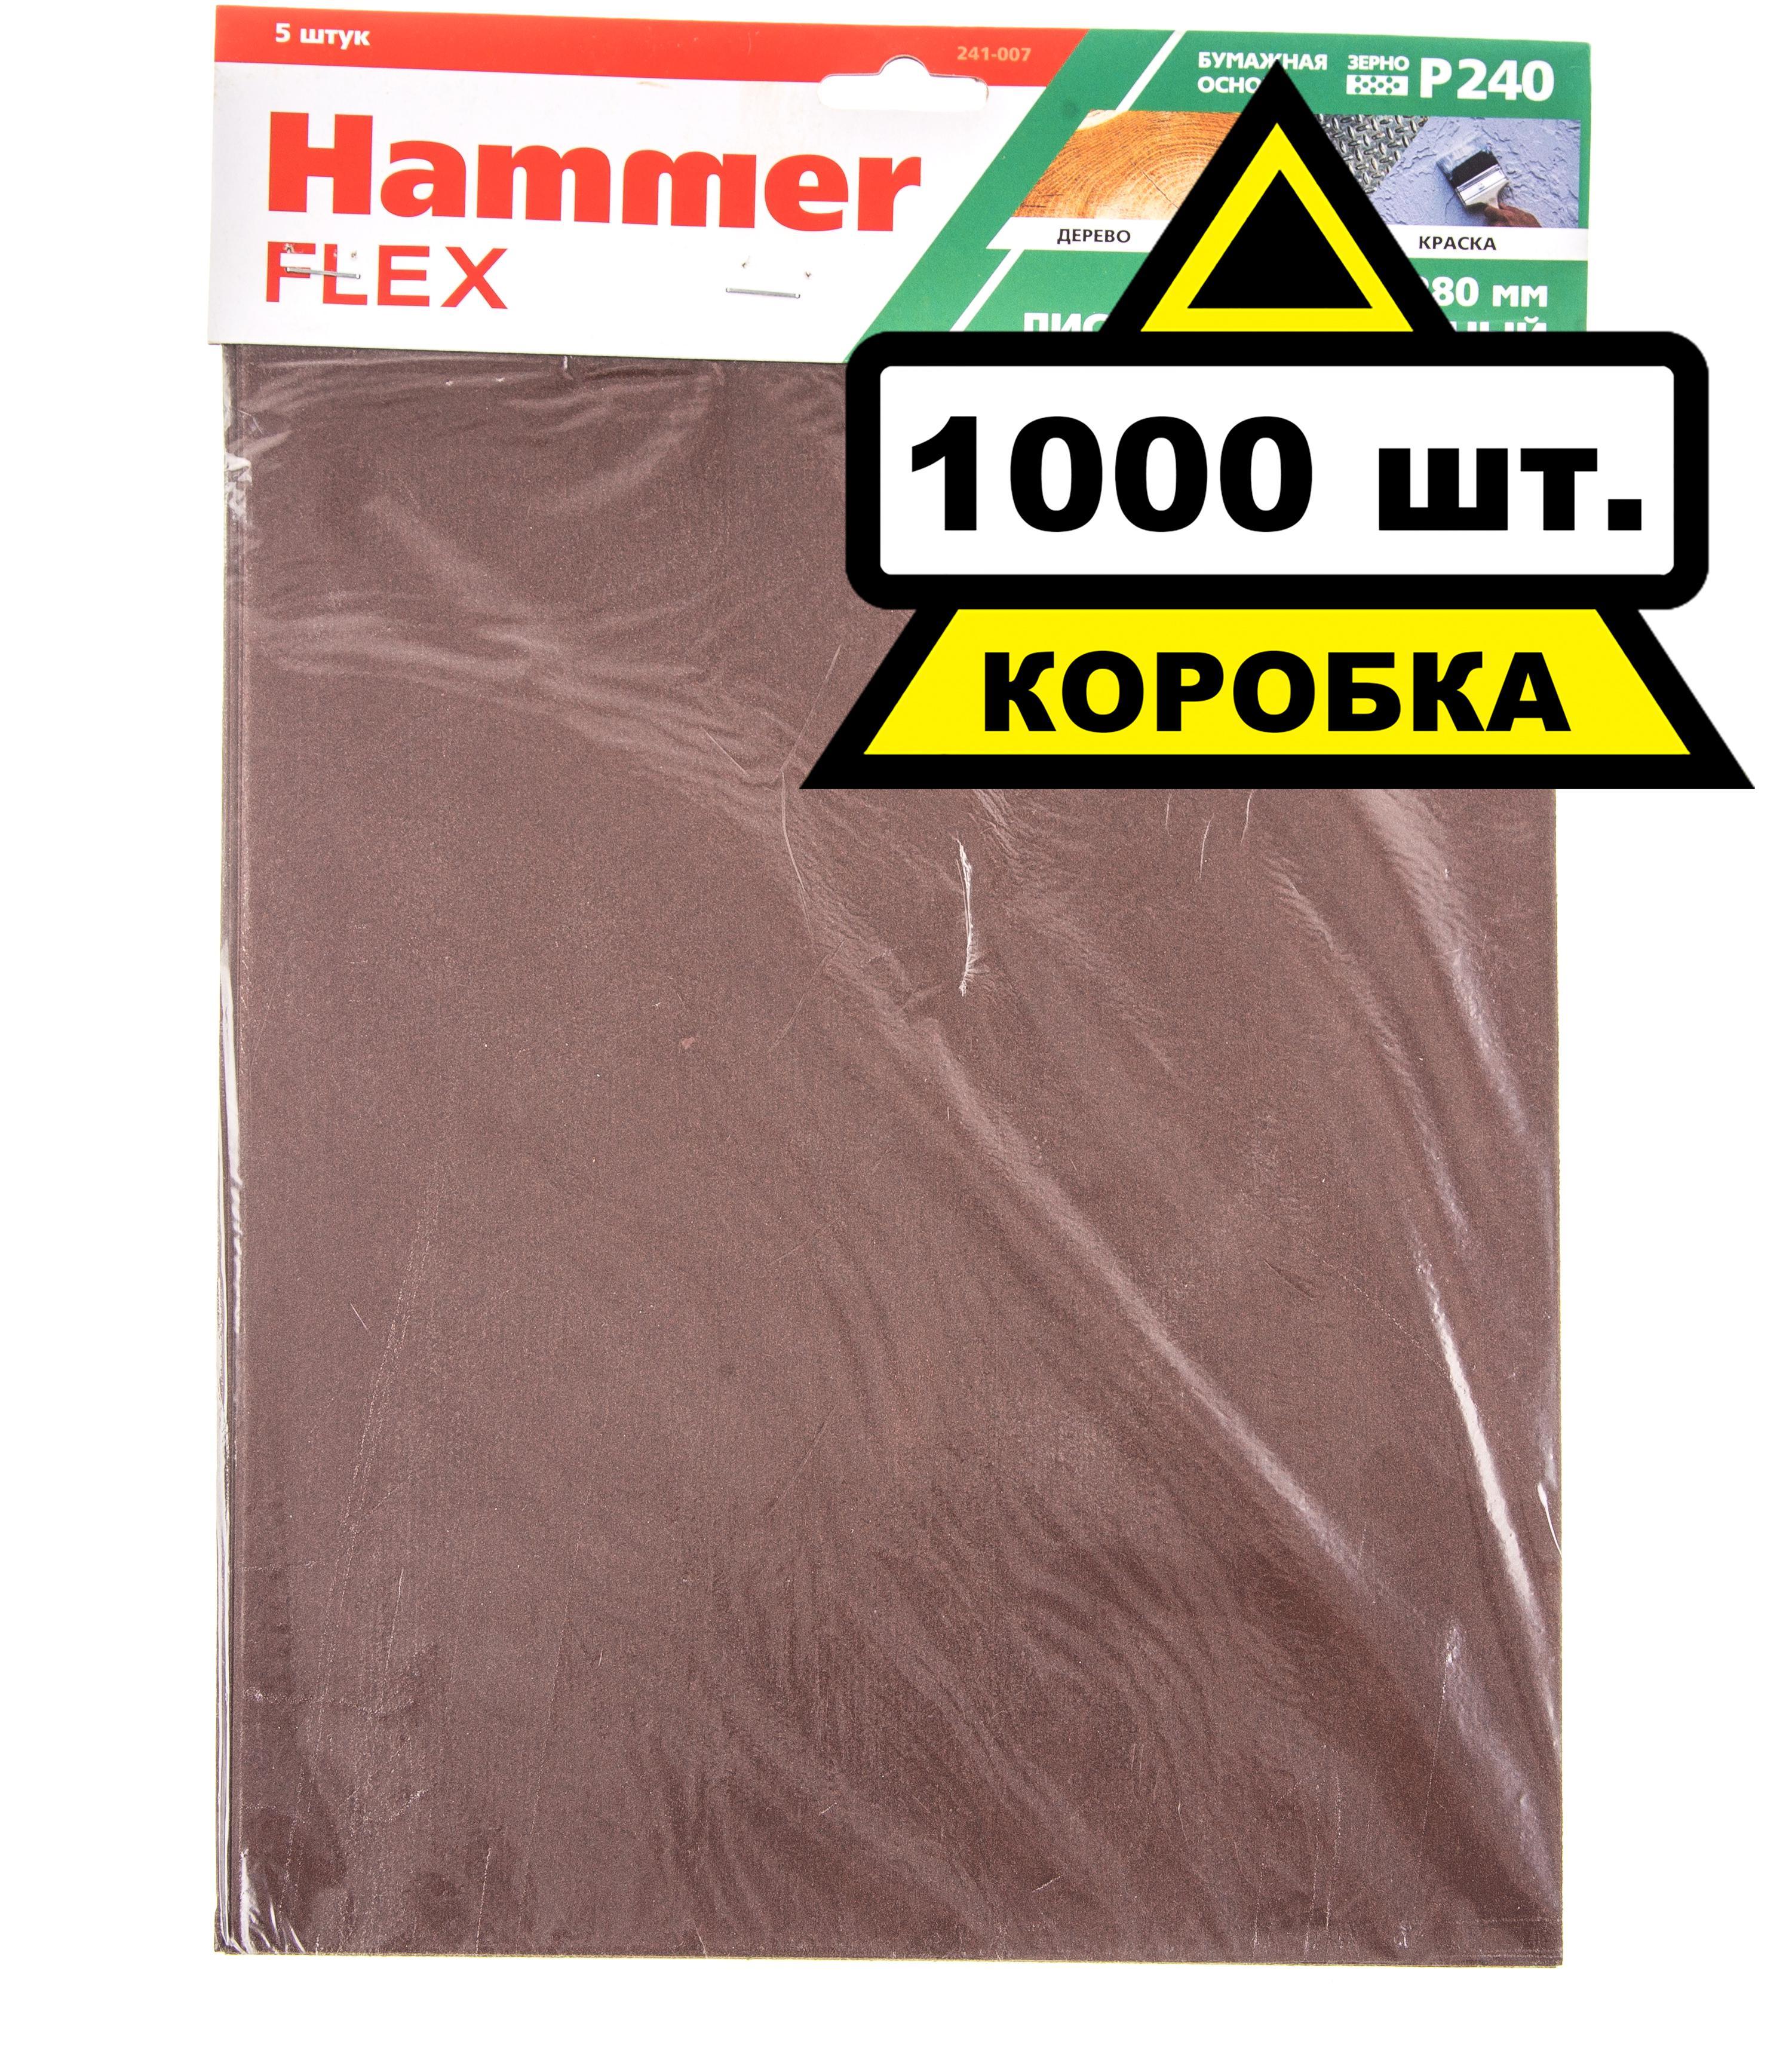 Купить Лист шлифовальный Hammer 230x280мм p240 бумажная основа